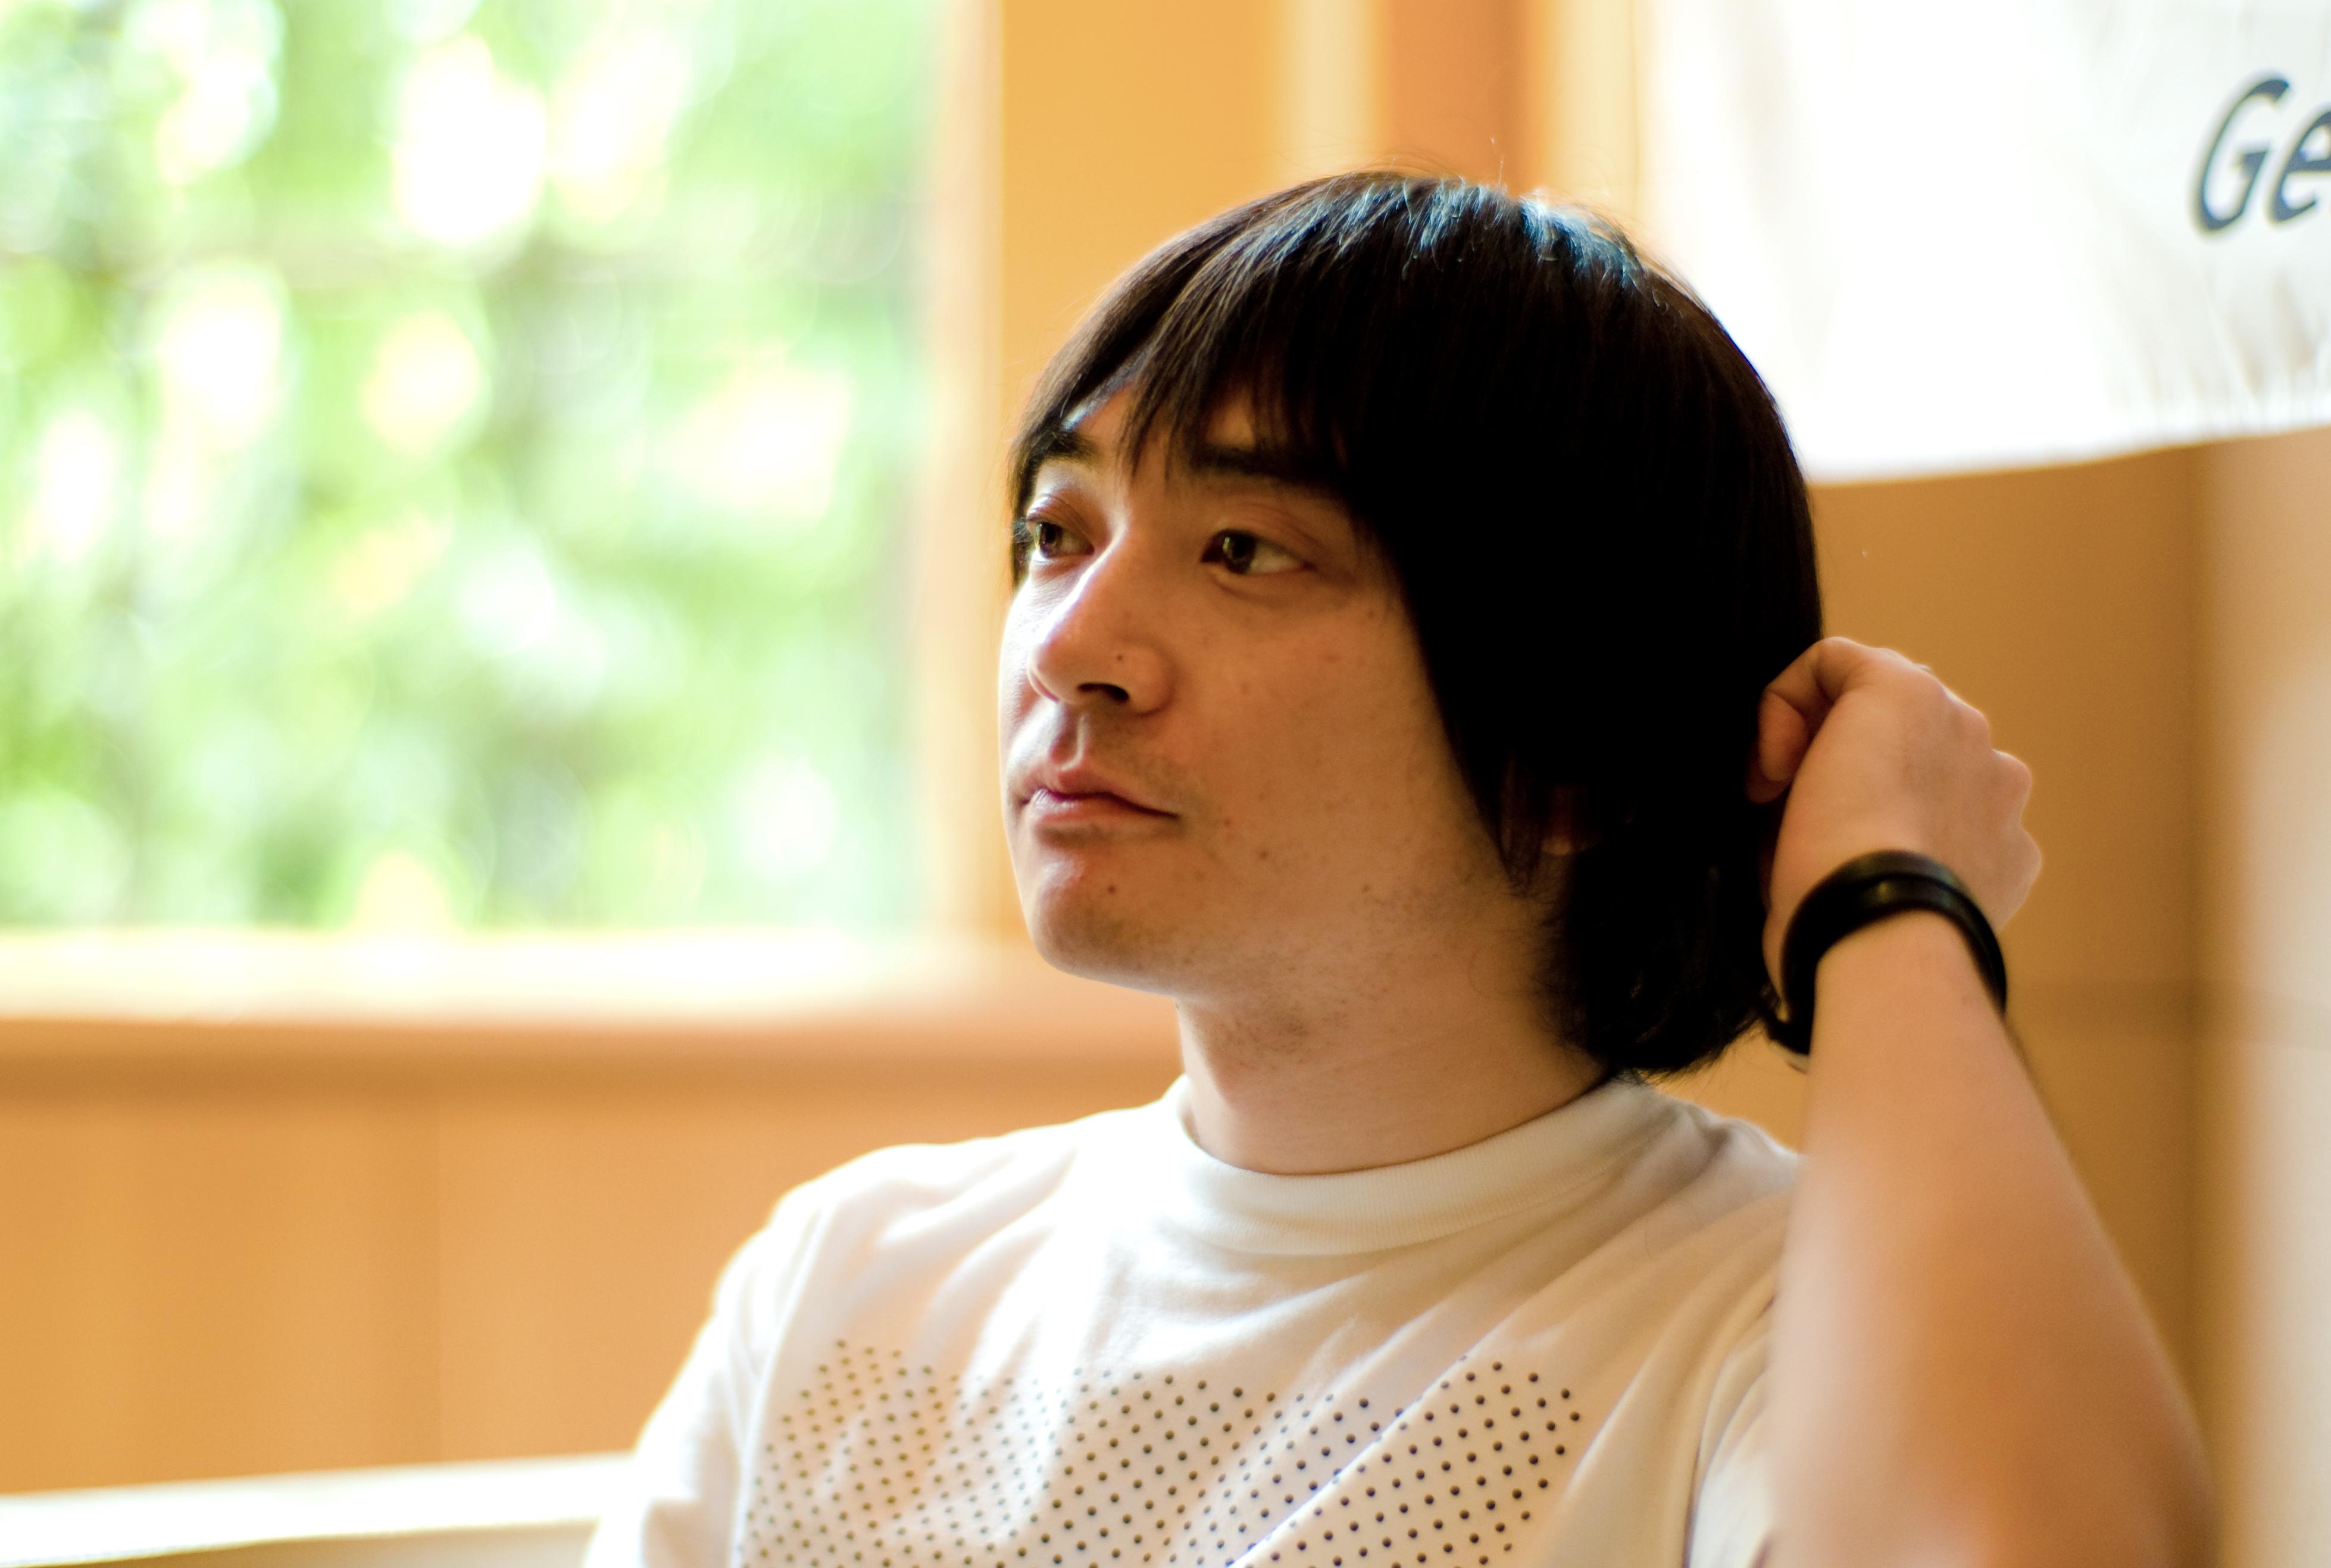 小山田圭吾 辞任の意向 学生時代のいじめに非難殺到 自業自得の声